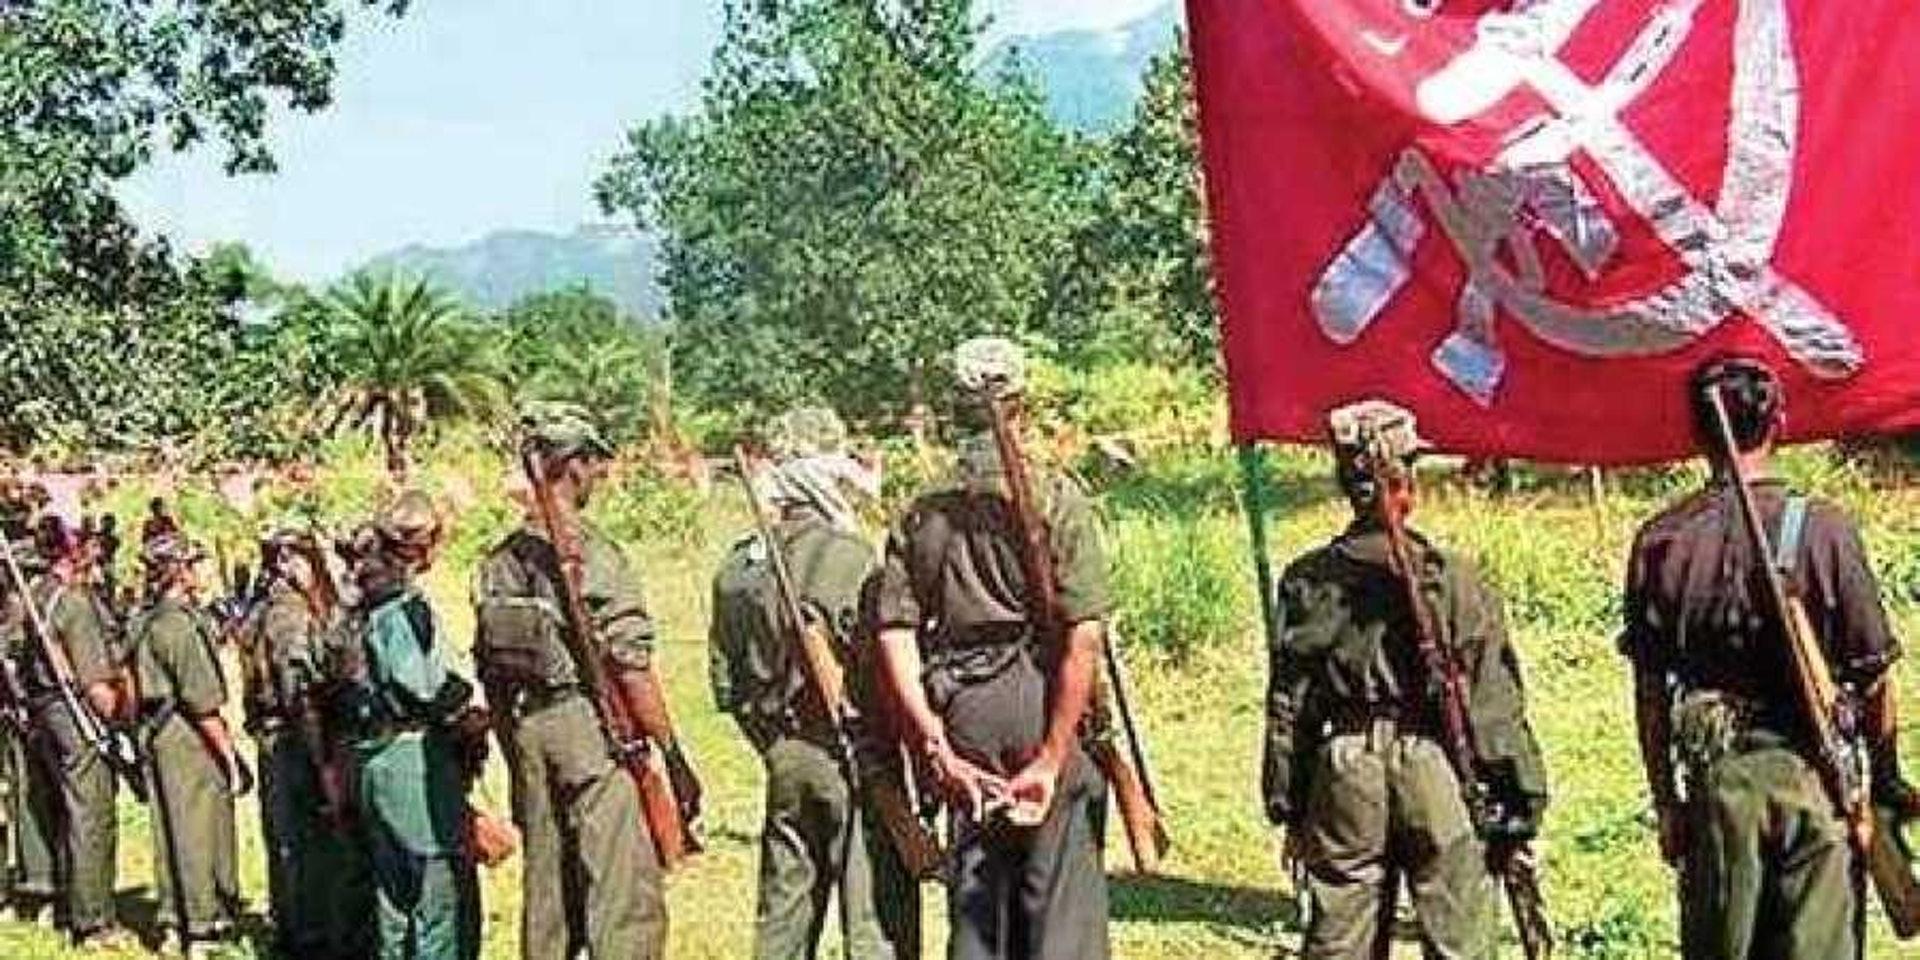 兩千精銳軍警被毛派四百遊擊隊擊潰 死傷慘重